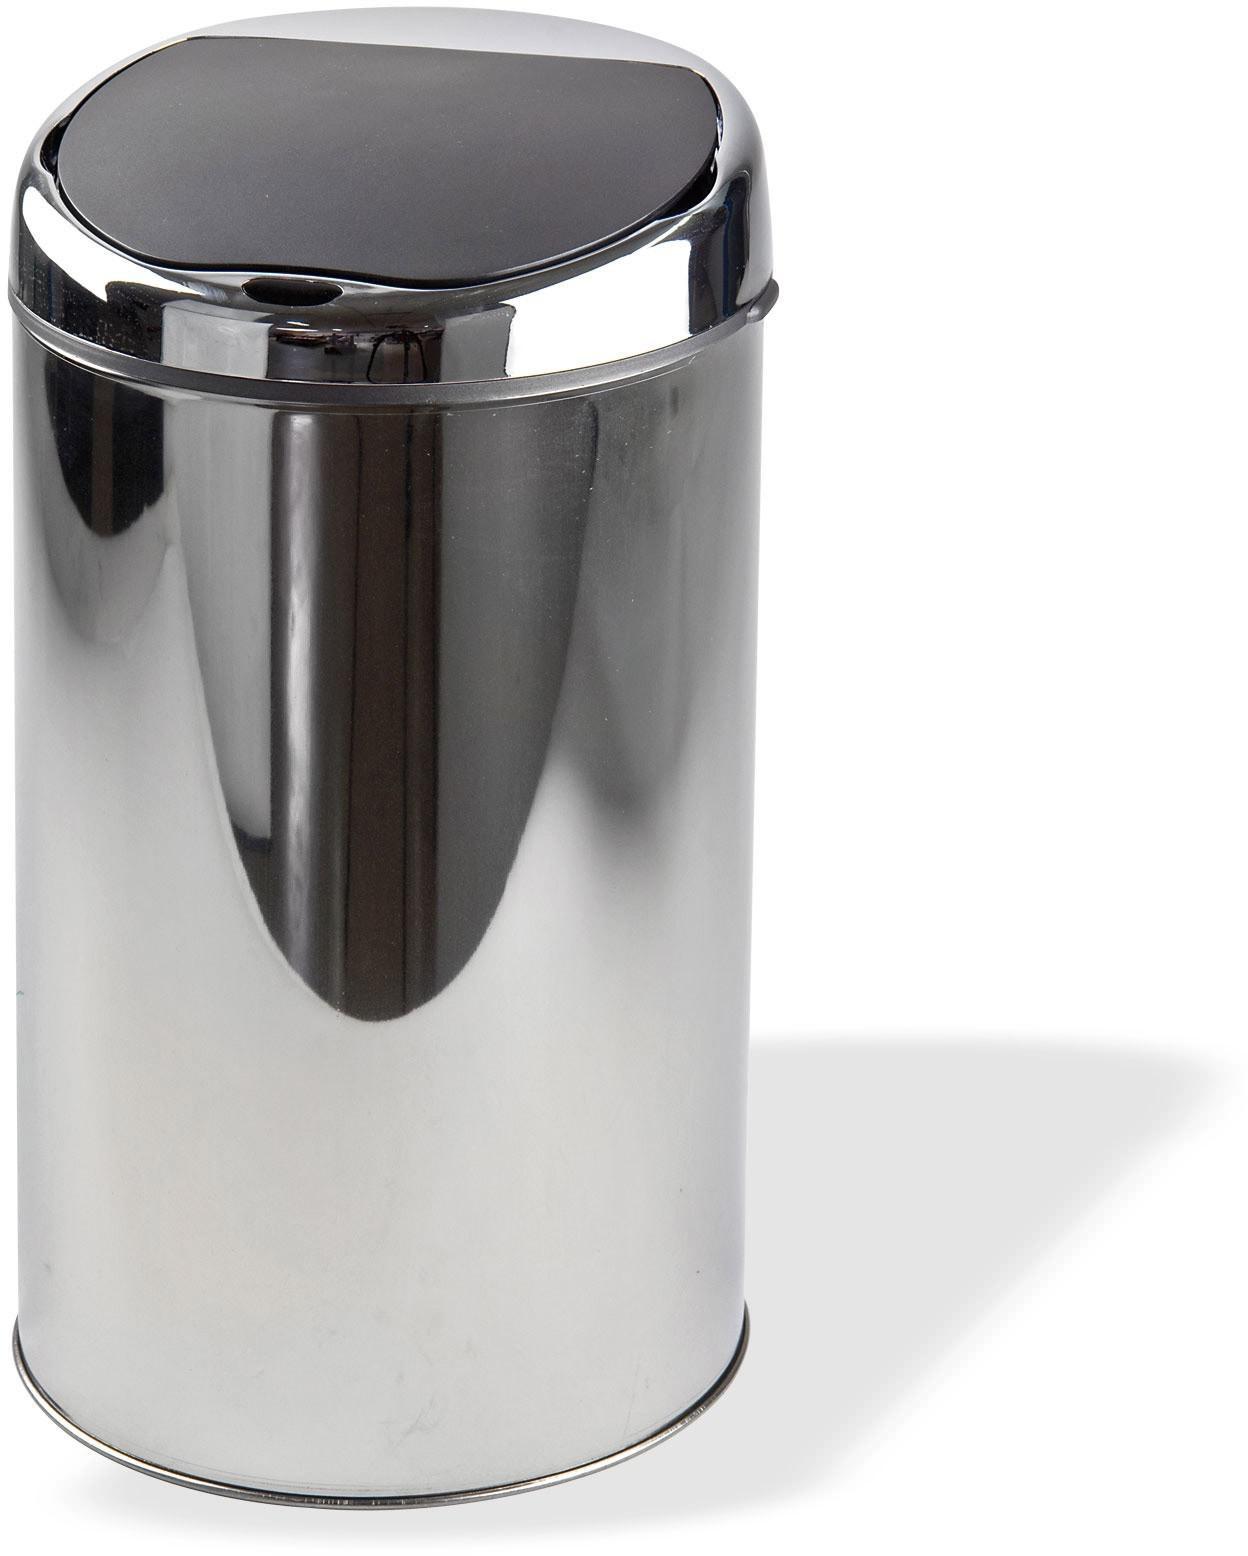 Full Size of Mlleimer Mit Sensor Bereits Ab 21 Doppel Mülleimer Küche Doppelblock Einbau Wohnzimmer Doppel Mülleimer